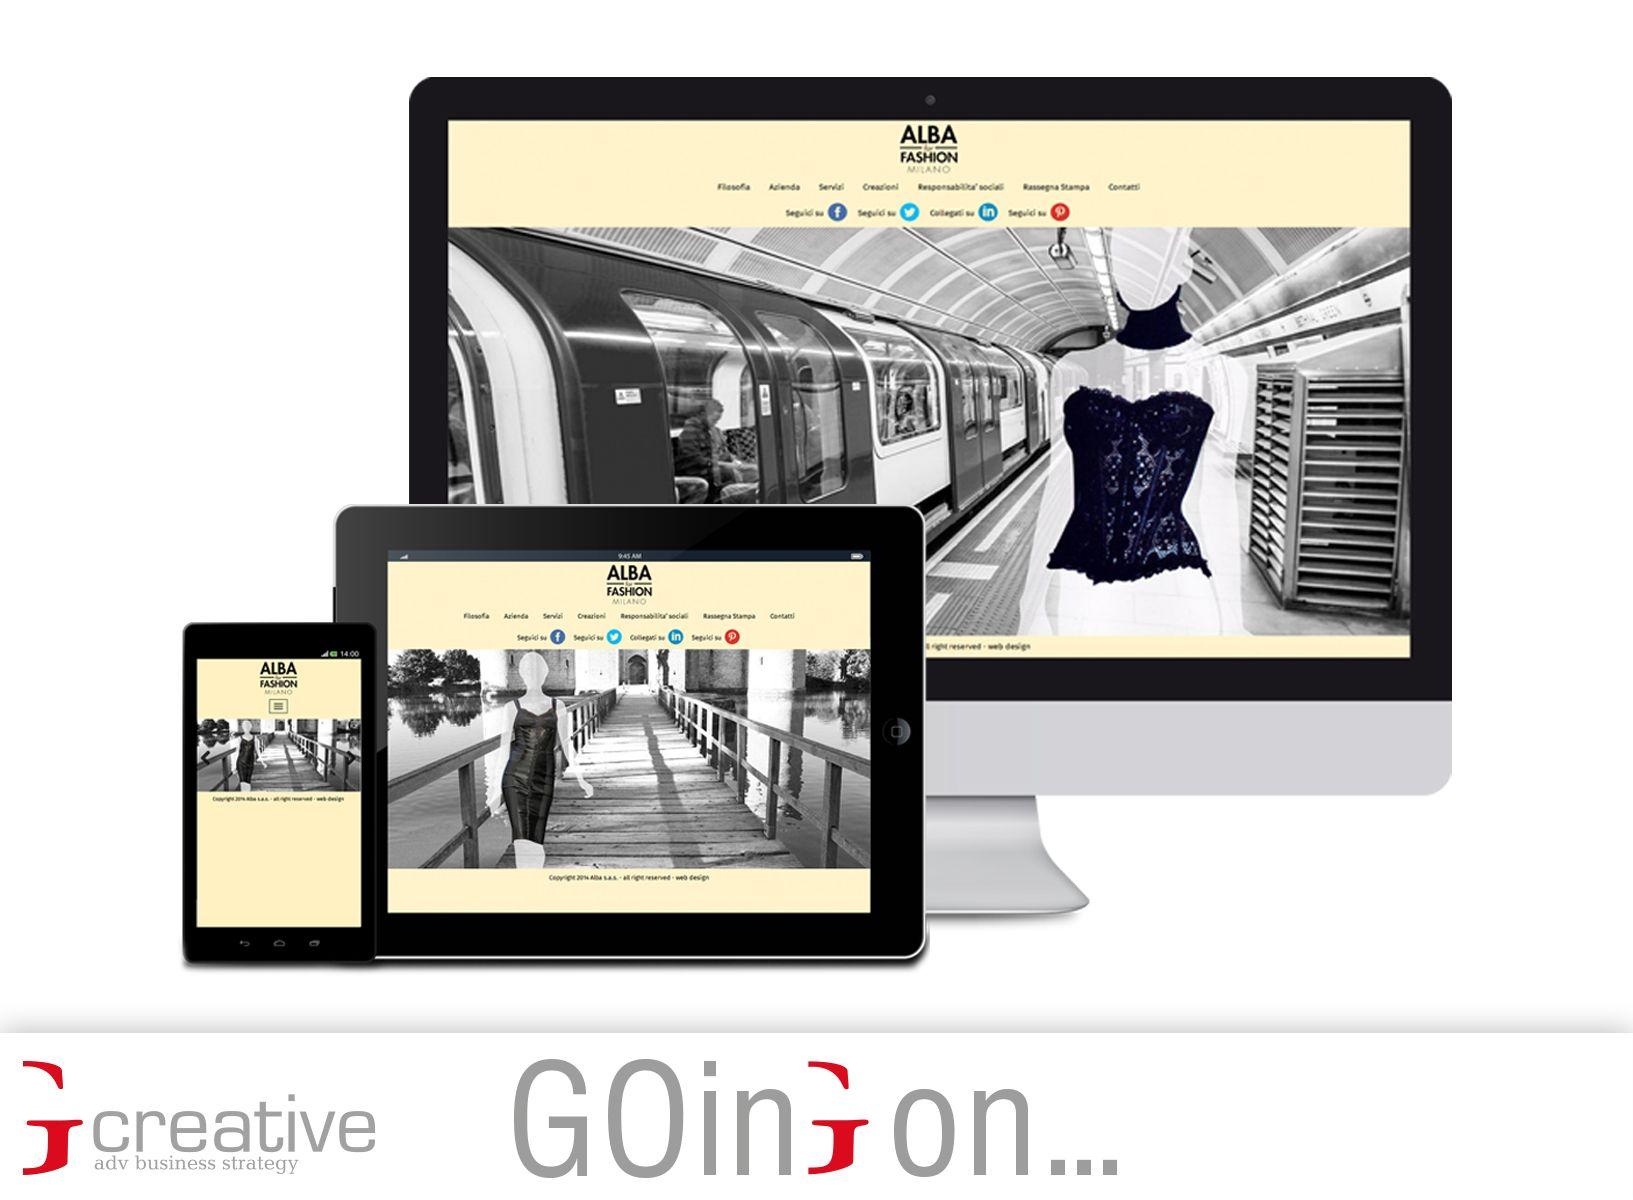 Per Alba For Fashion Milano abbiamo realizzato un nuovo sito web che mette in primo piano le creazioni della corsetteria e i dettagli del ricamo. Ottimizzato per la fruizione su smartphone e tablet. bit.ly/Gaia_AlbaForFashion